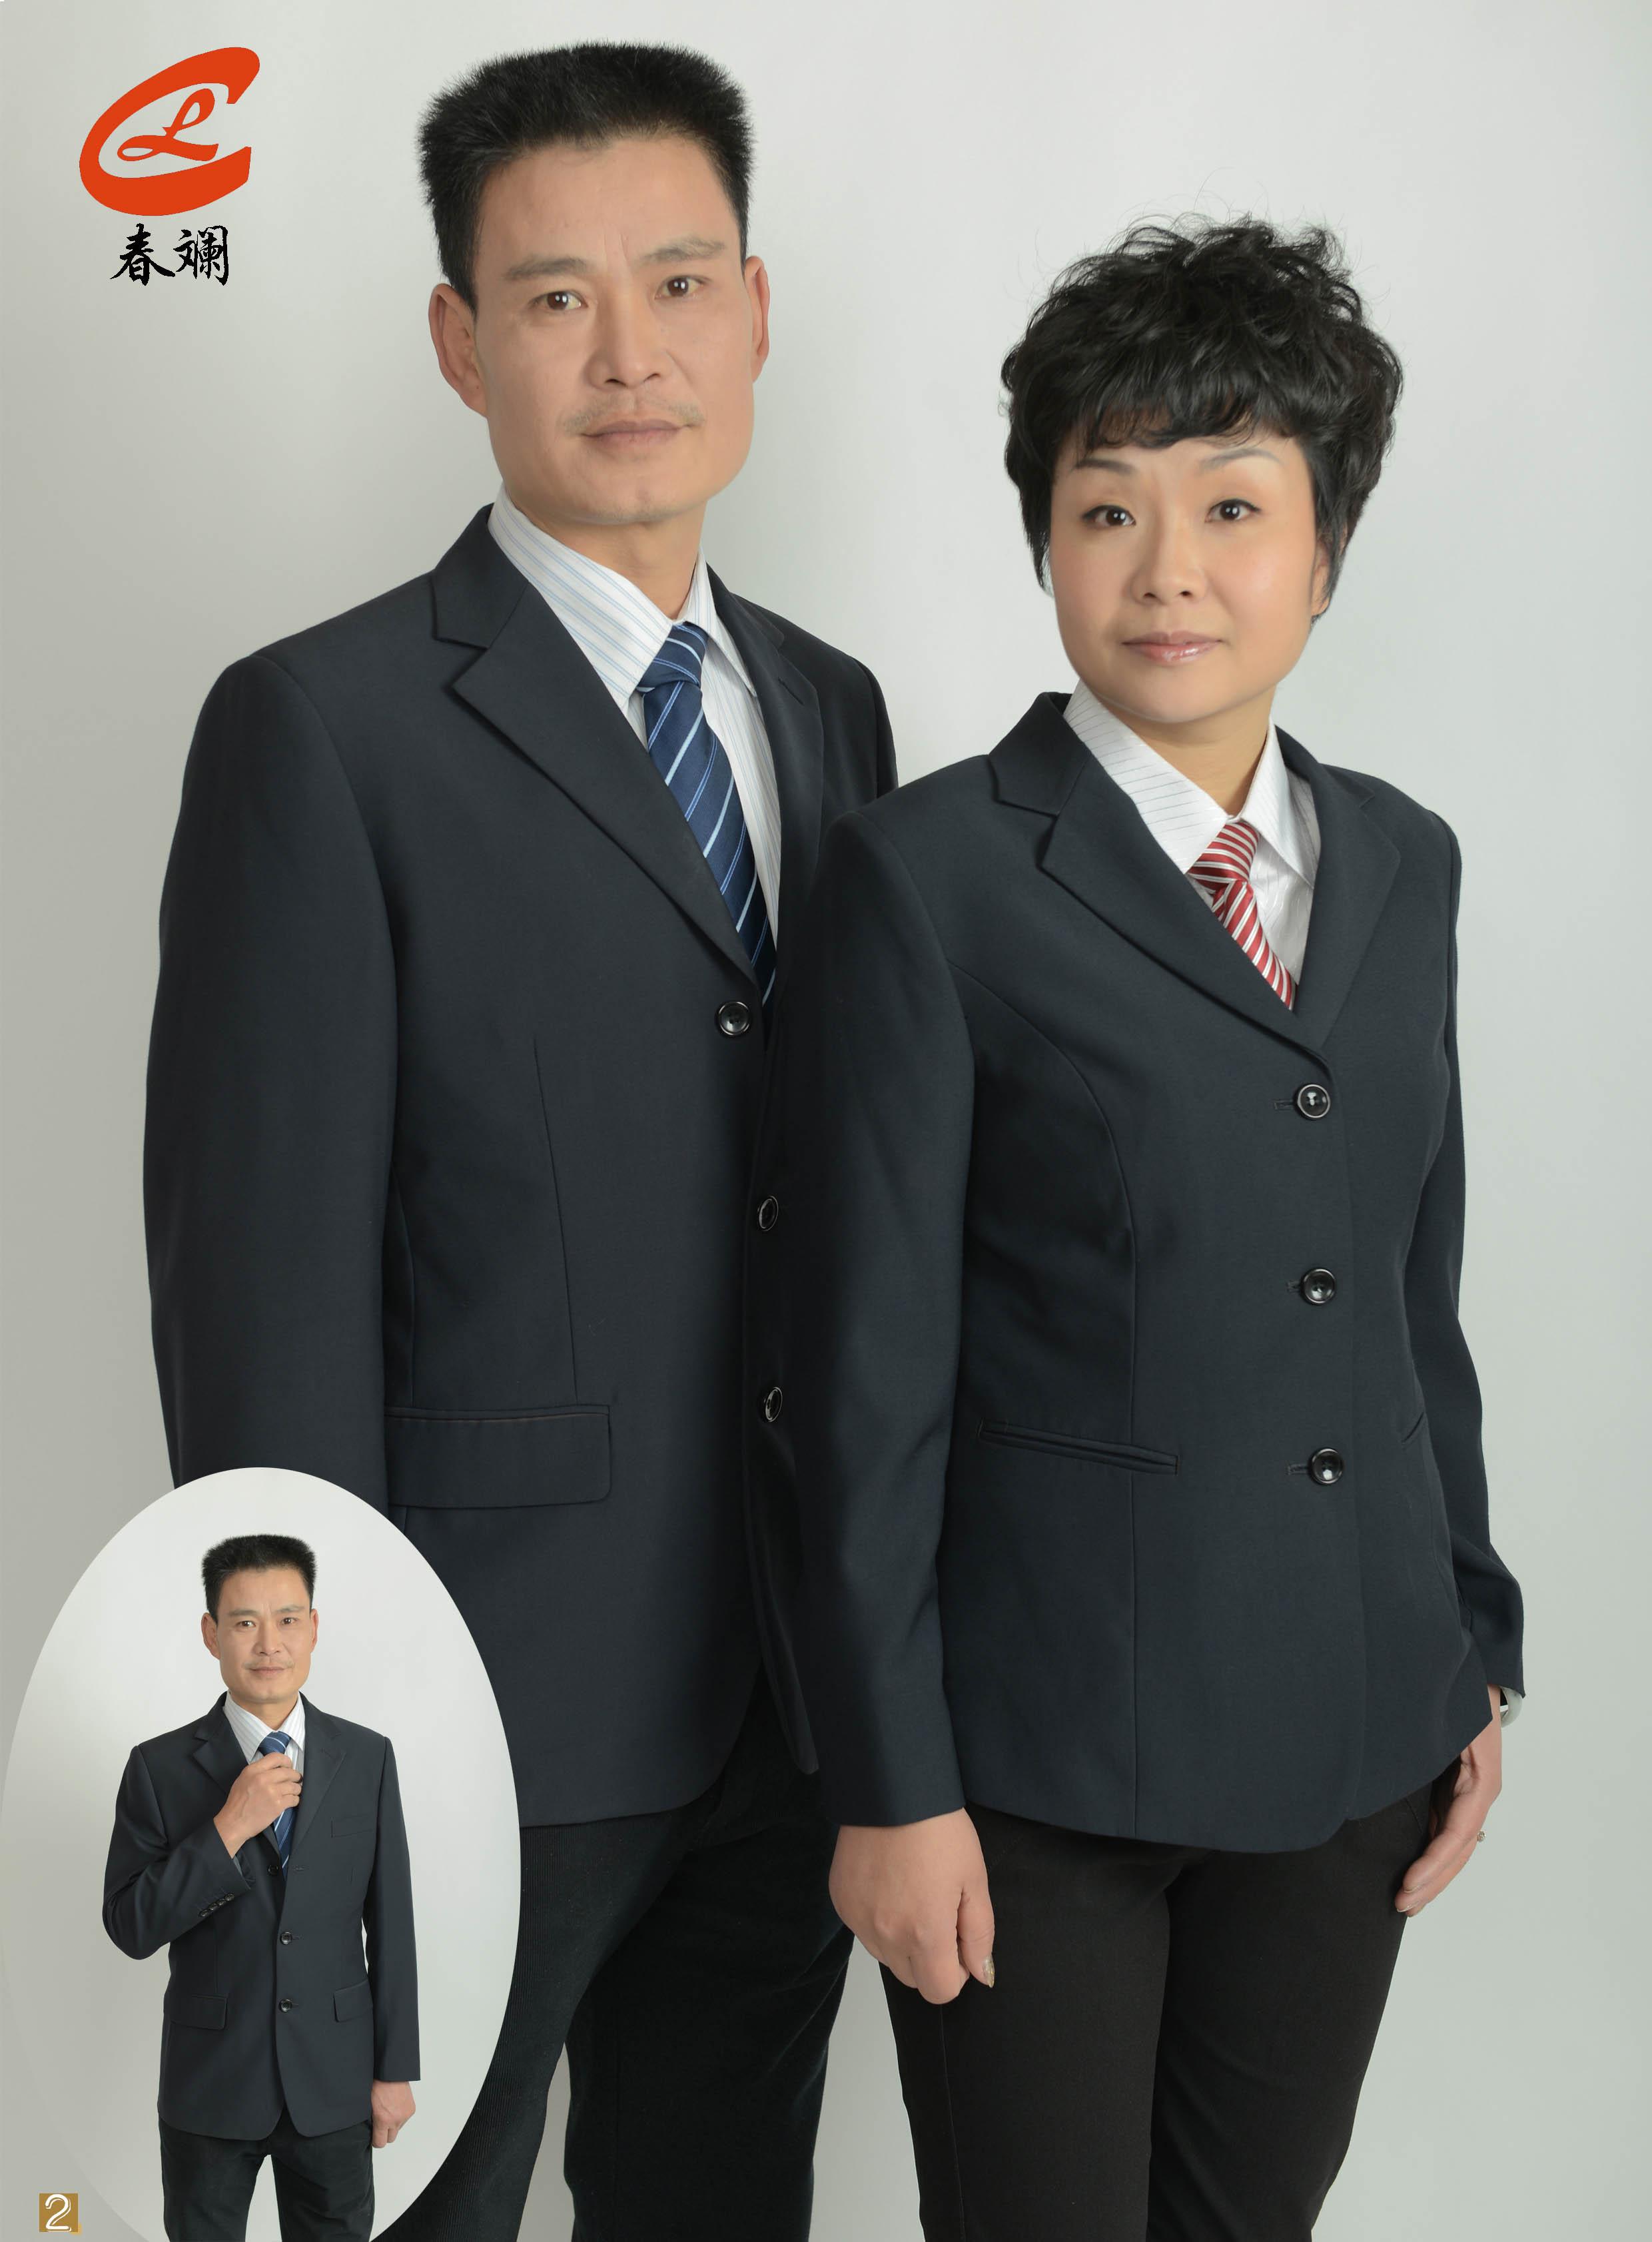 千赢官方网站_千亿国际手机登录网址